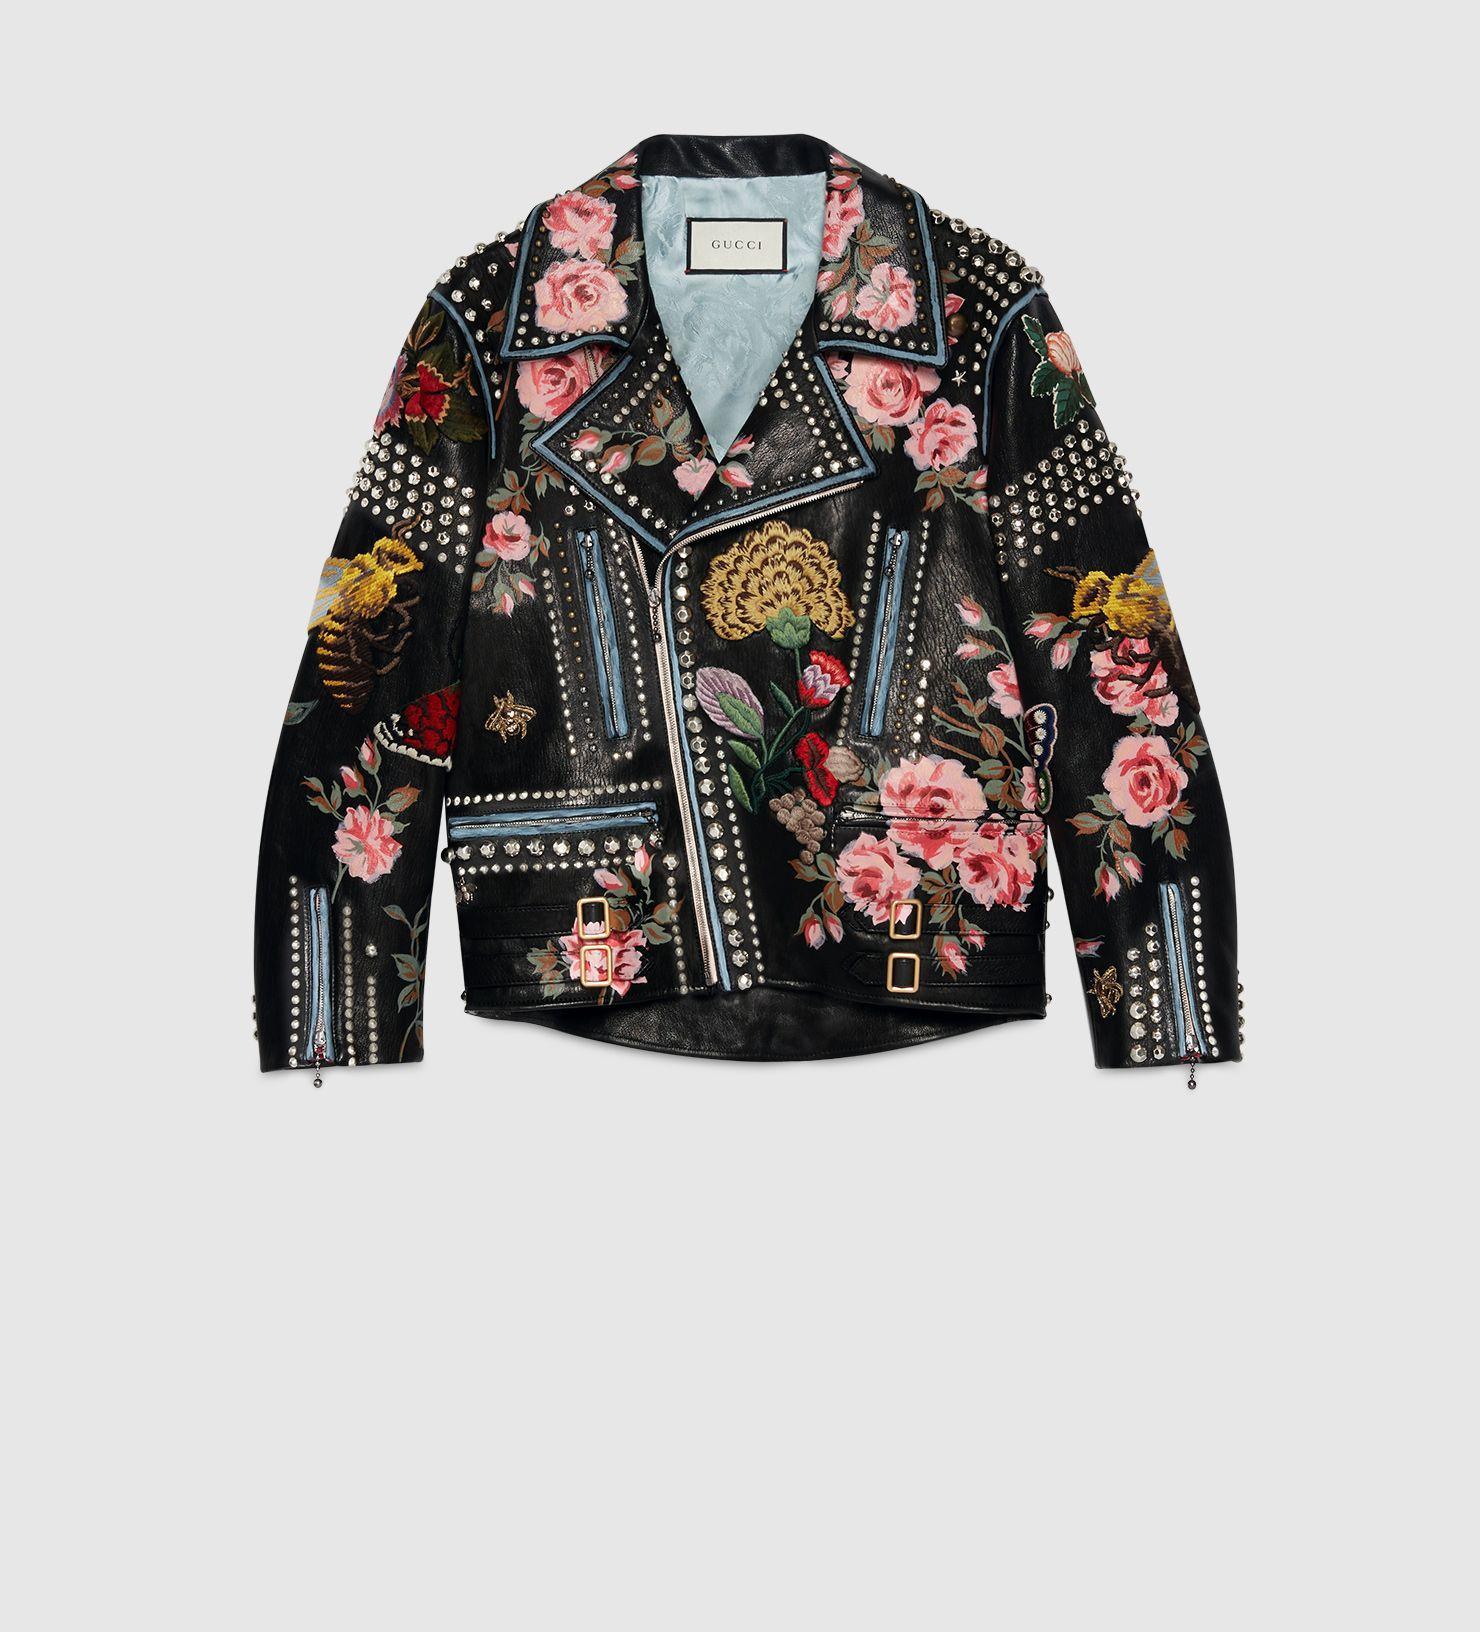 gucci pre fall 16 leather jacket · Blazers Et Vestes Pour FemmesVestes ... f114d9fa014